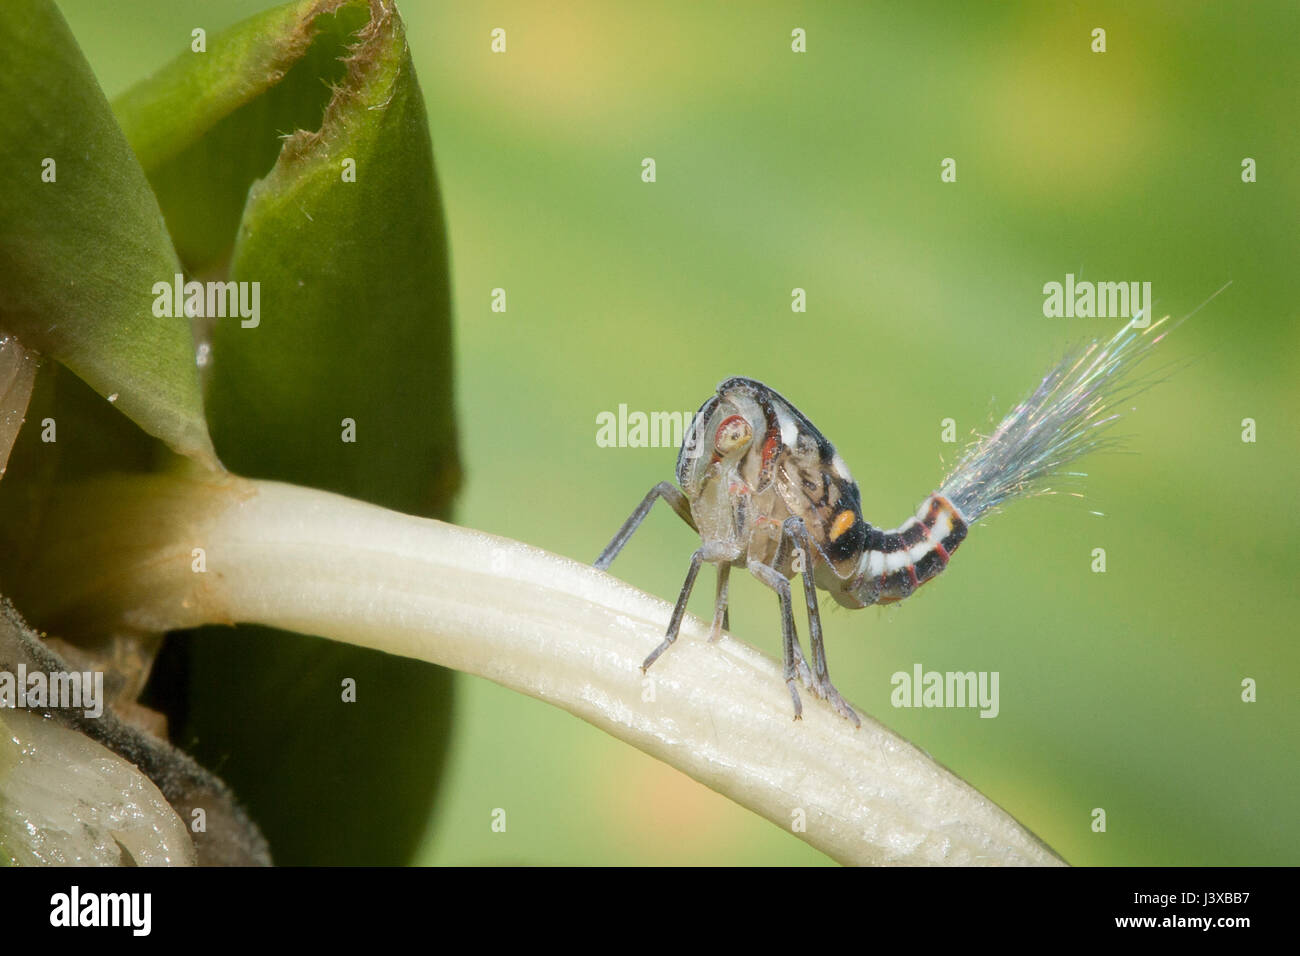 Un planthopper nyph con fillaments ceroso emergenti dalla sua estremità posteriore come fuochi d'artificio. Immagini Stock